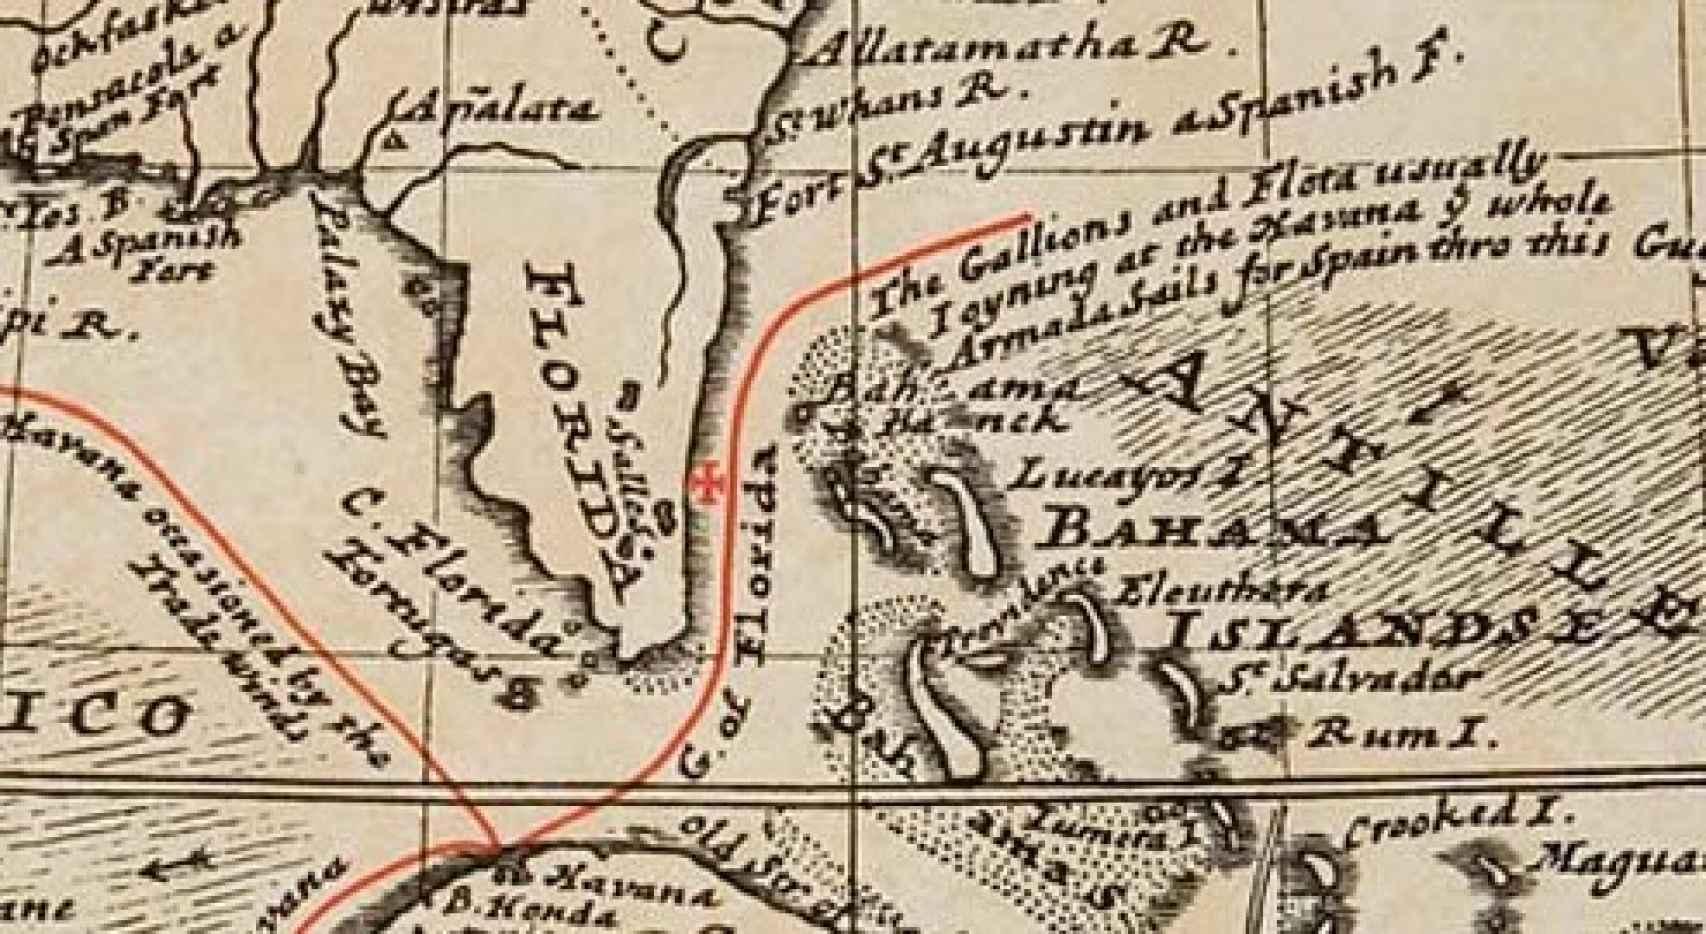 Mapa que muestra dónde se produjo el naufragio en 1715.